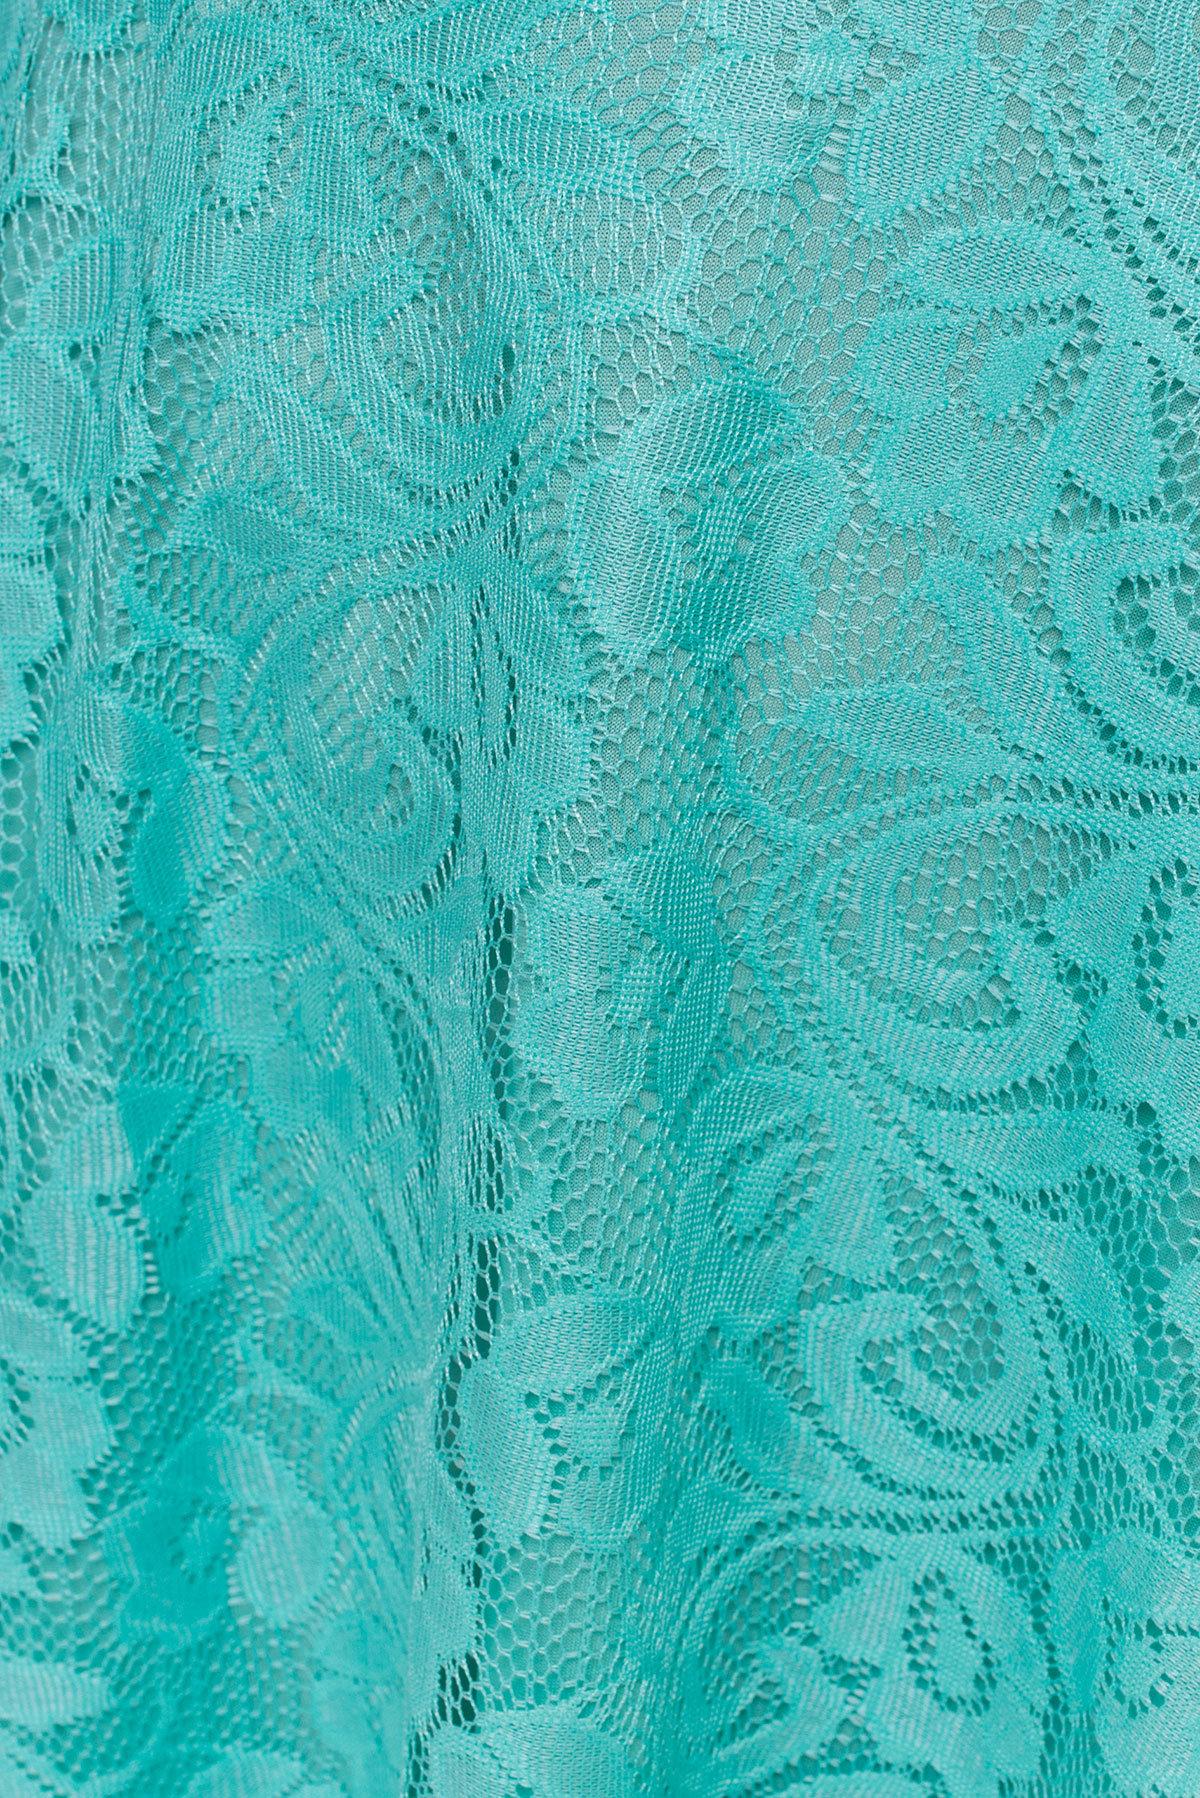 TW Платье Ермия 4981 Цвет: Мята